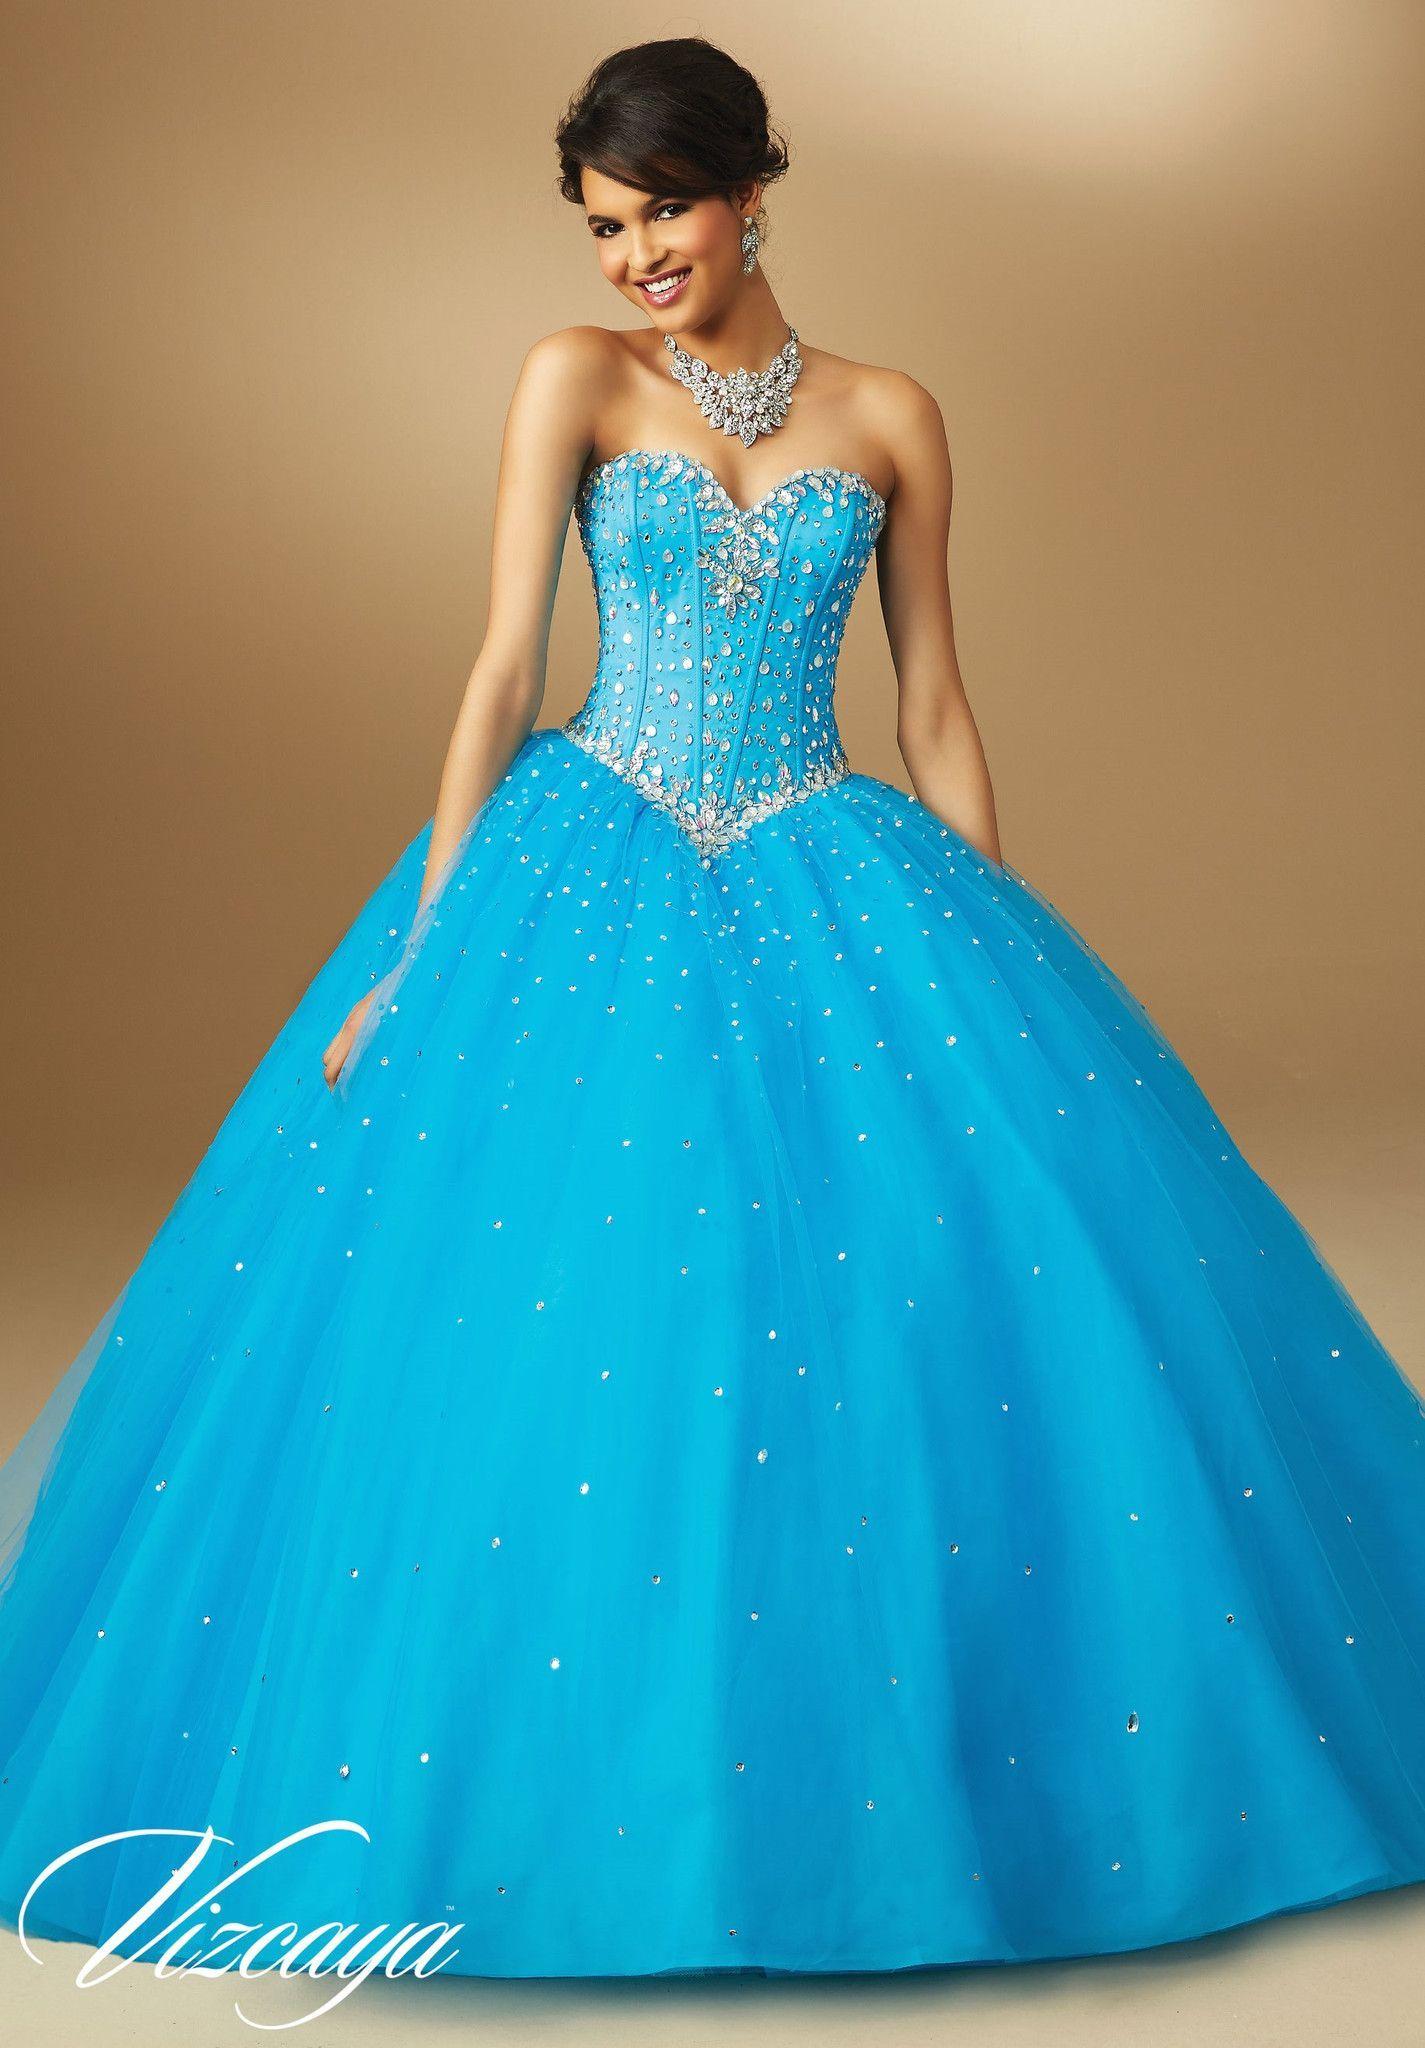 Mori Lee Quinceanera Dress 89017 | Prinzessinnen kleider, Ideen für ...